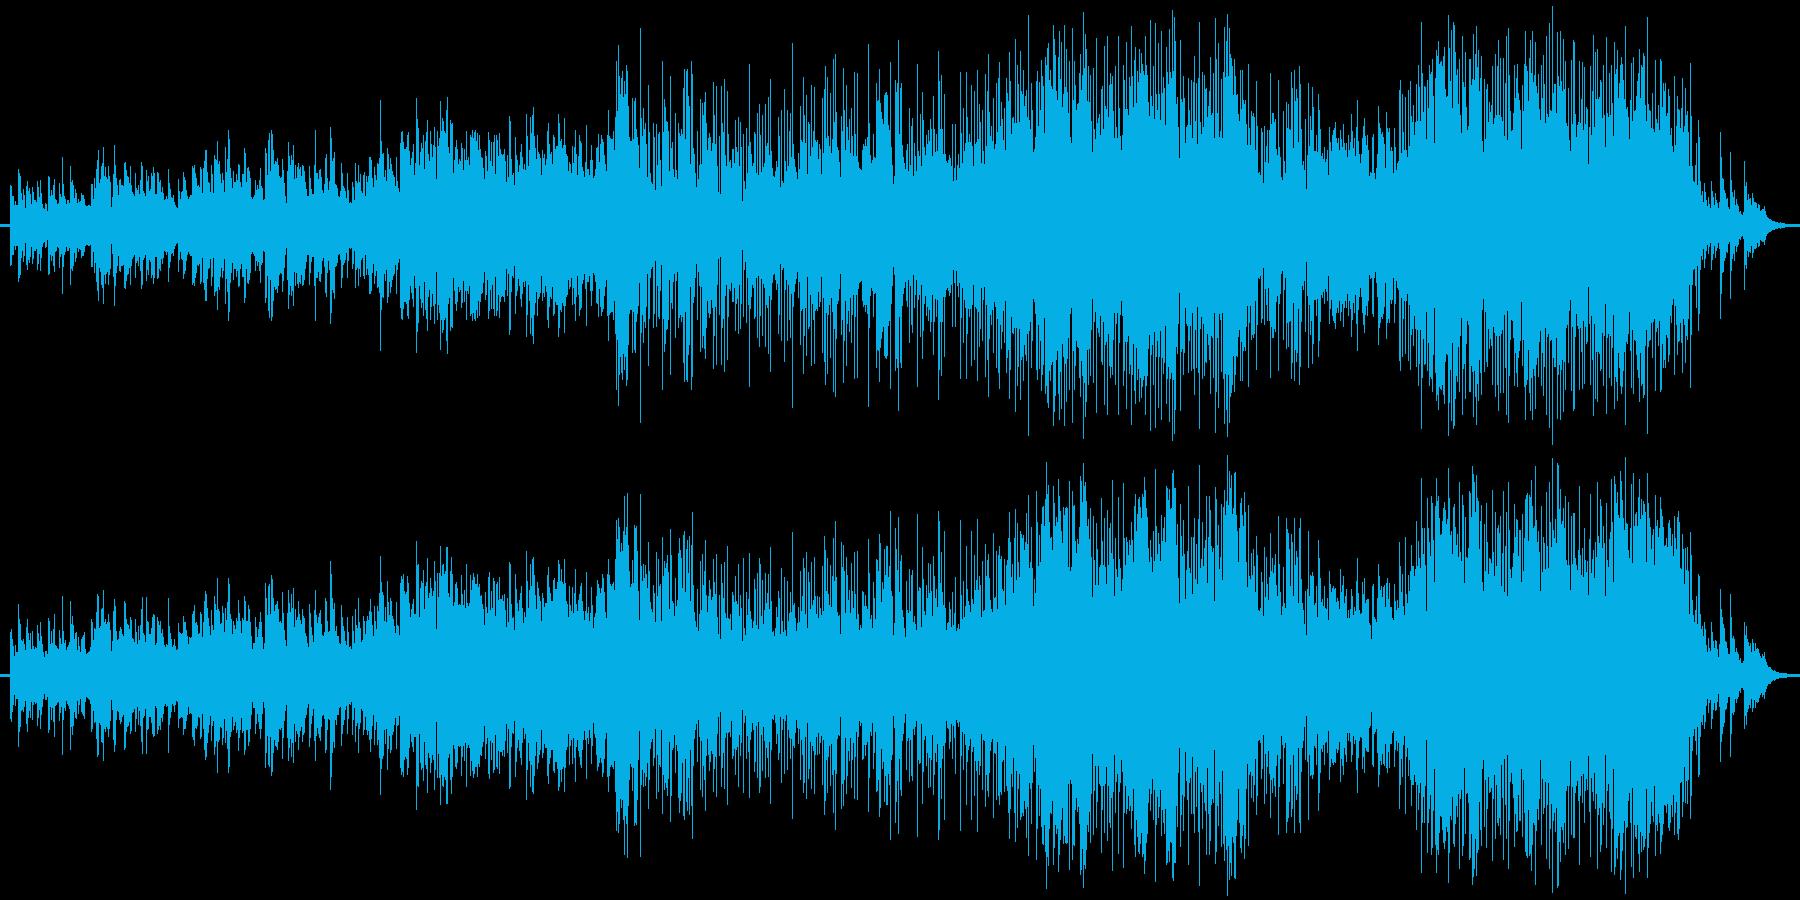 ピアノをメインにしたバラード曲です。の再生済みの波形